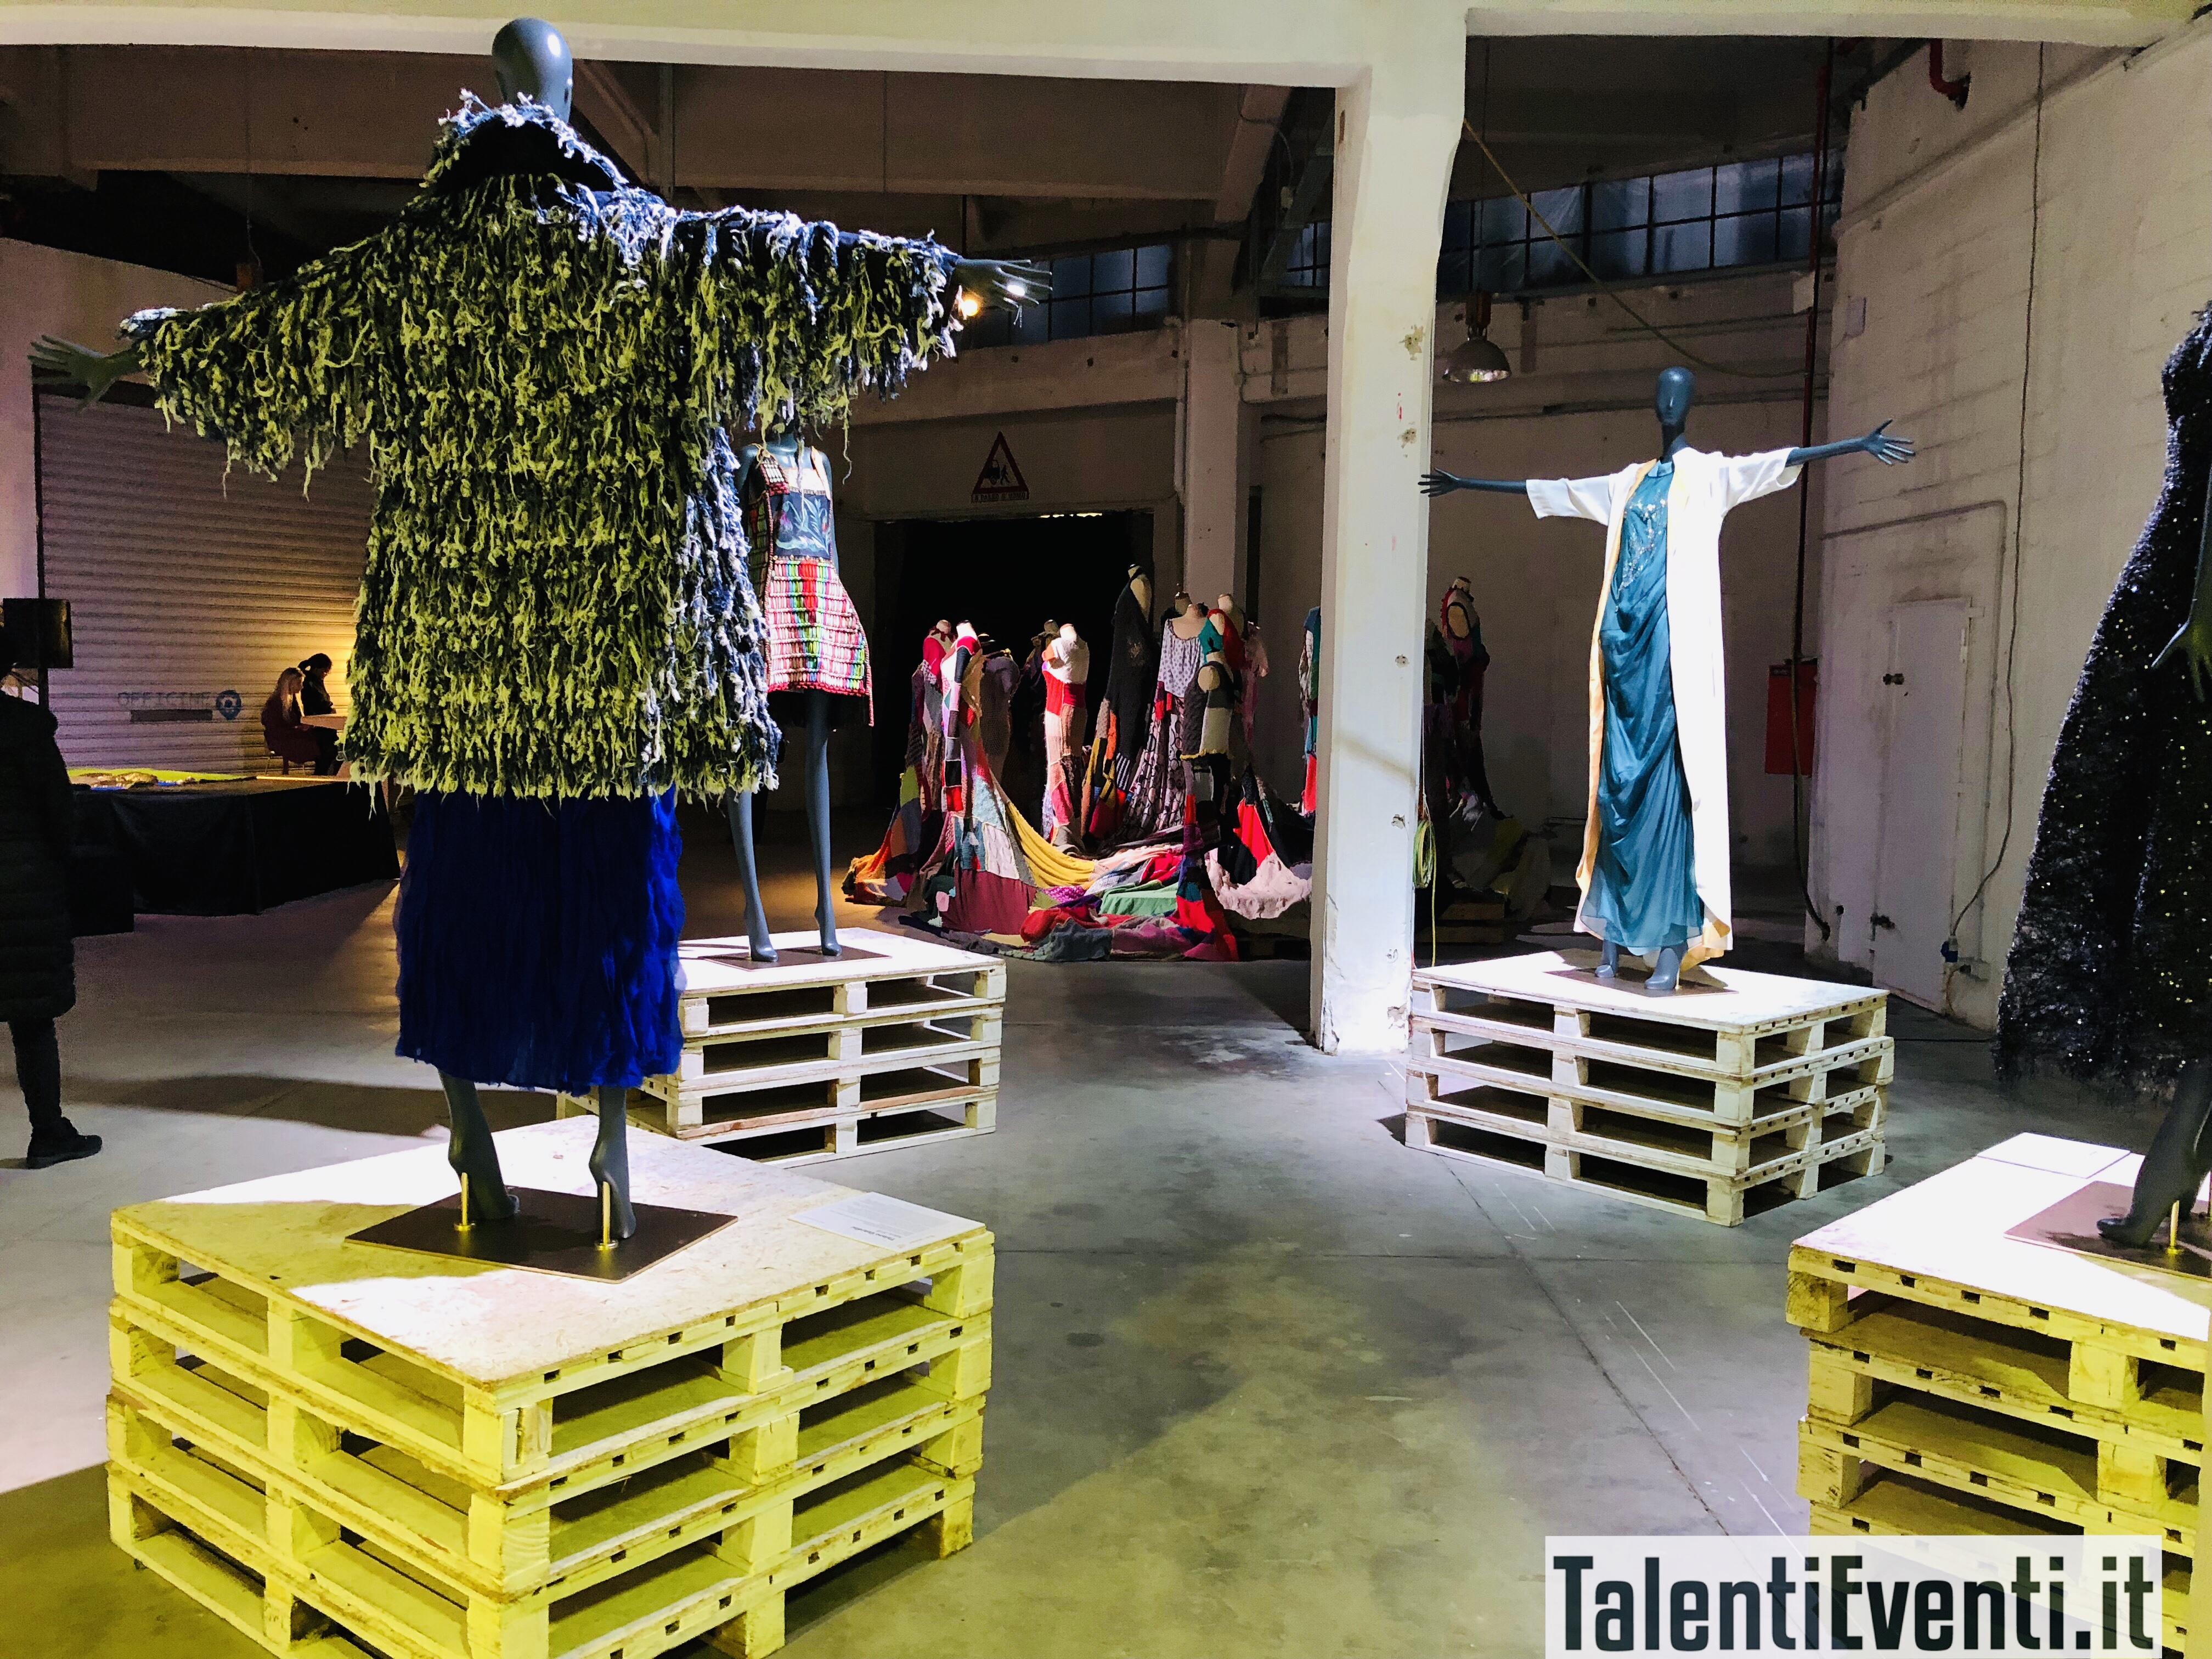 dreamers-2018- moda- fashion-torino-talentieventi